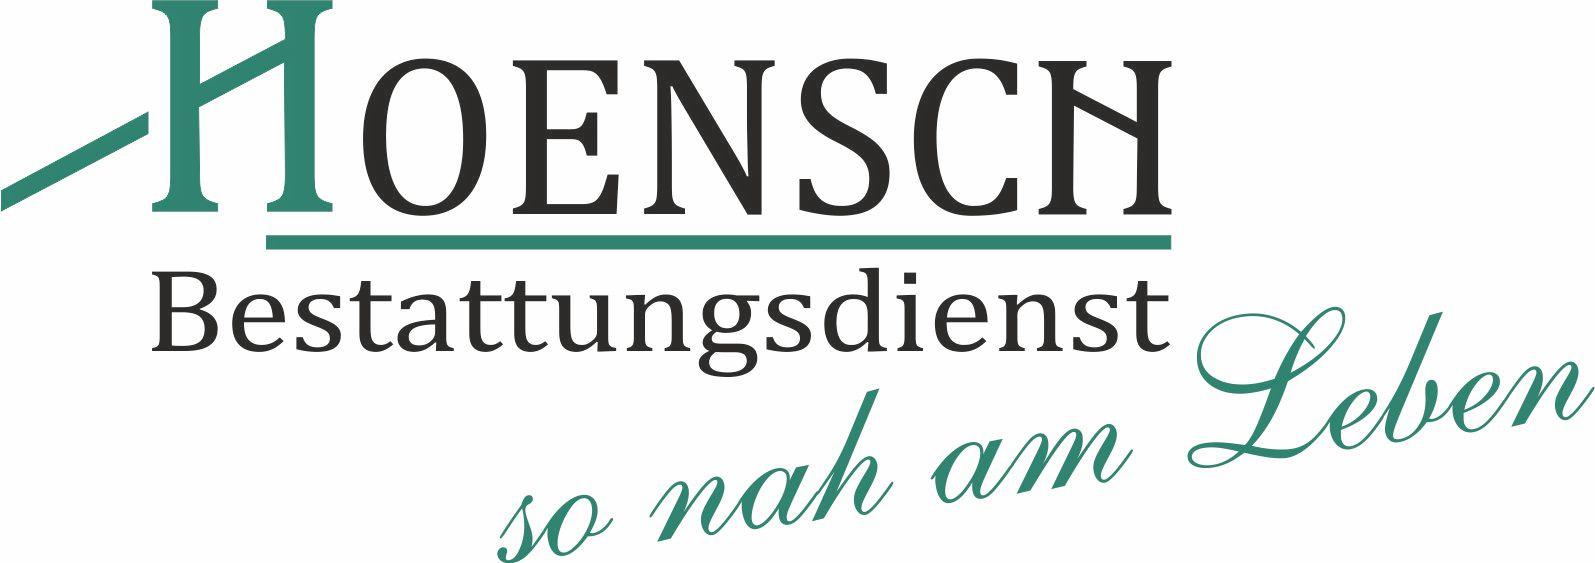 Bestattungsdienst | Hoensch GmbH